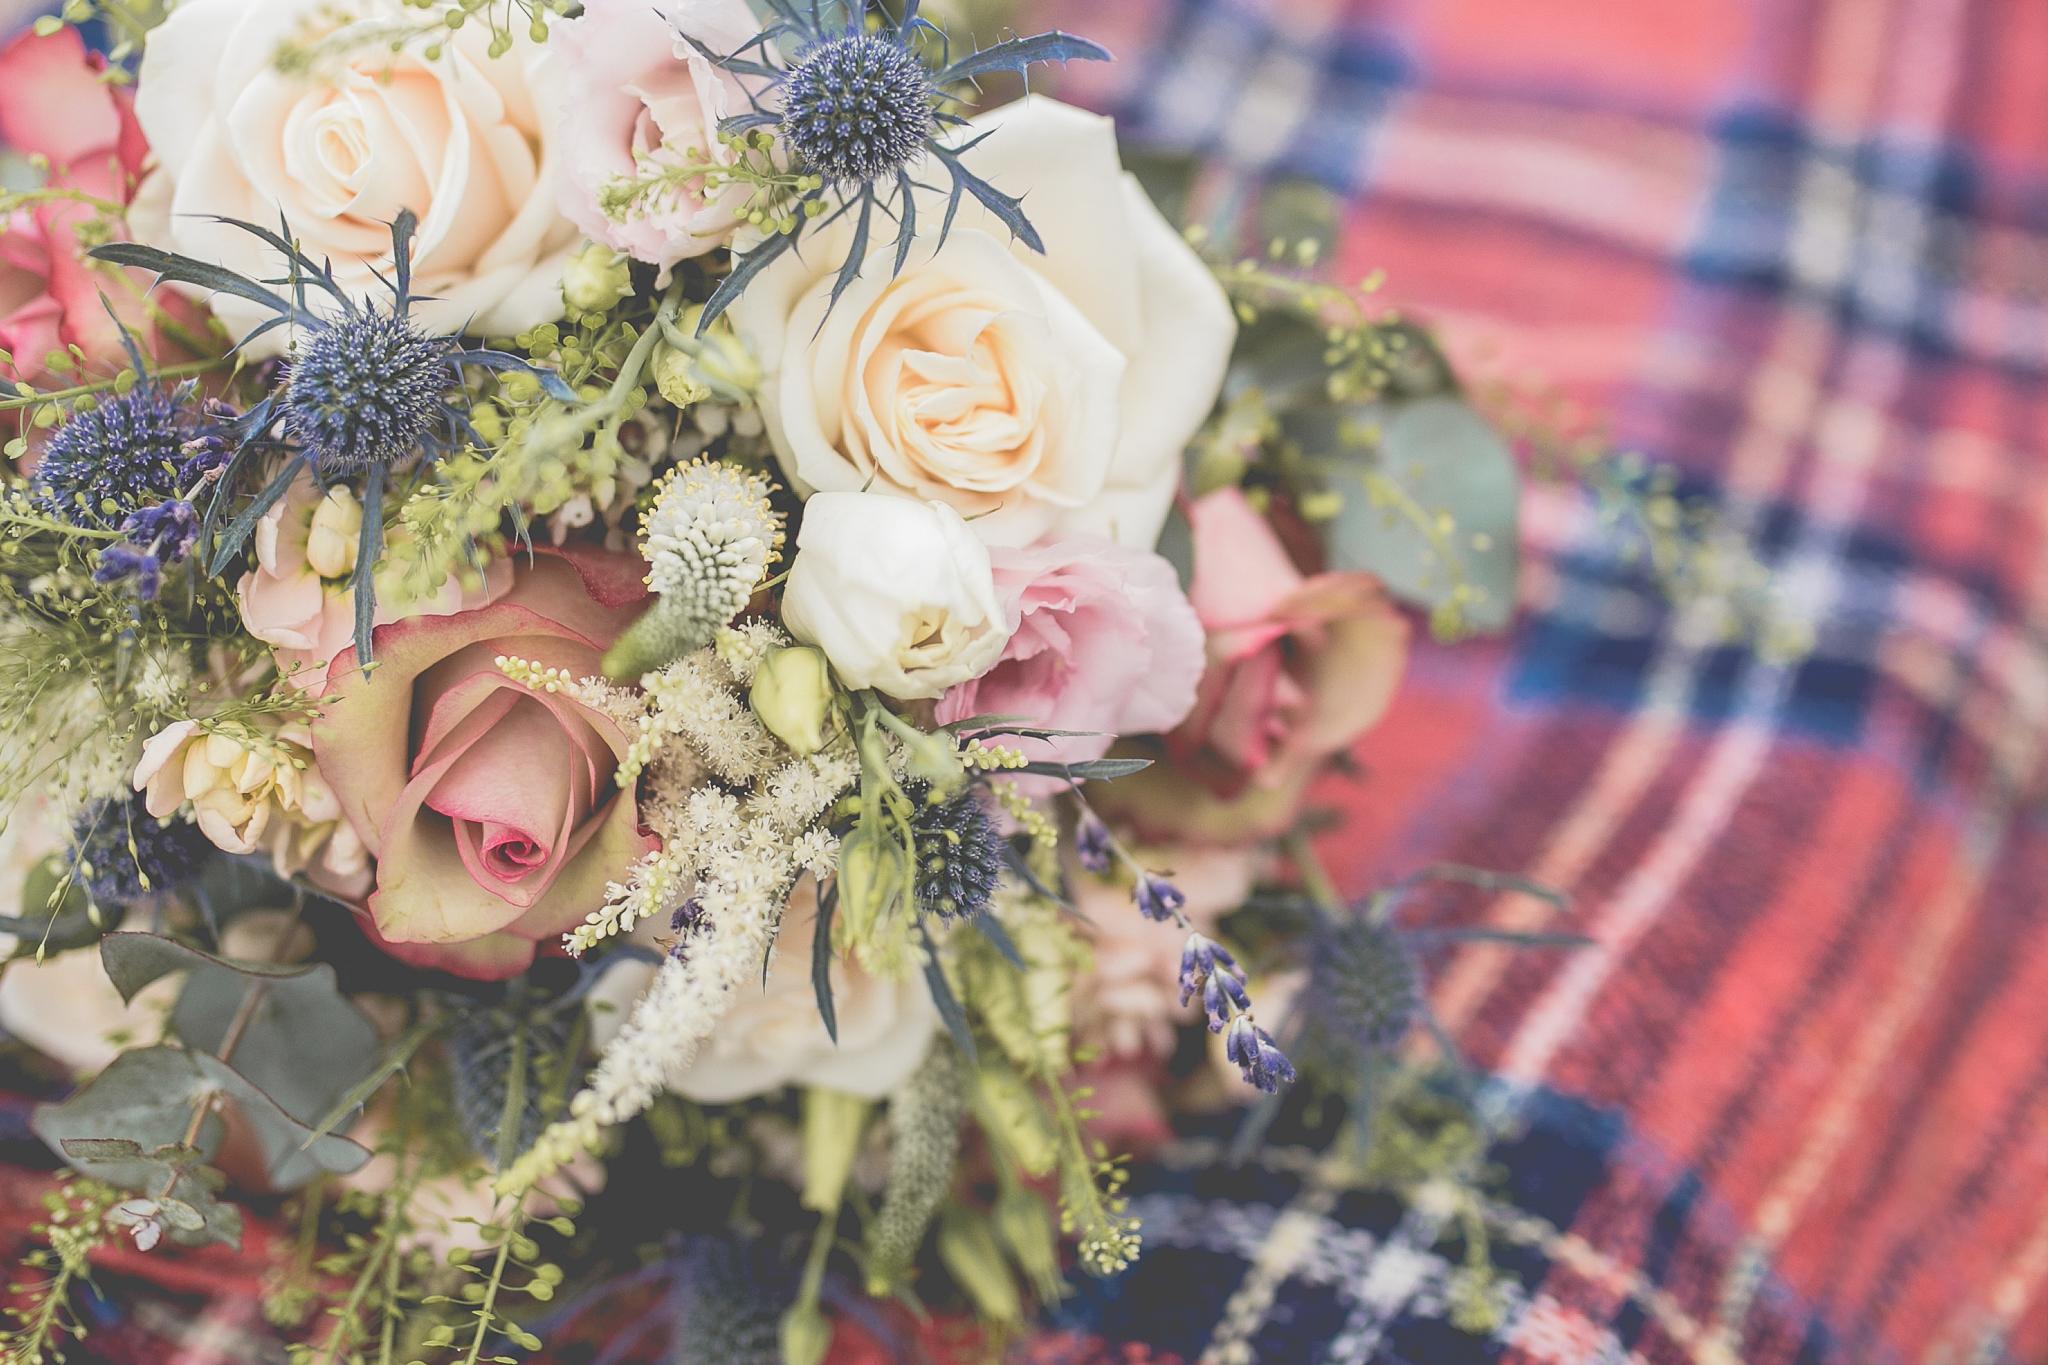 bedfordshireweddingphotography-6.jpg